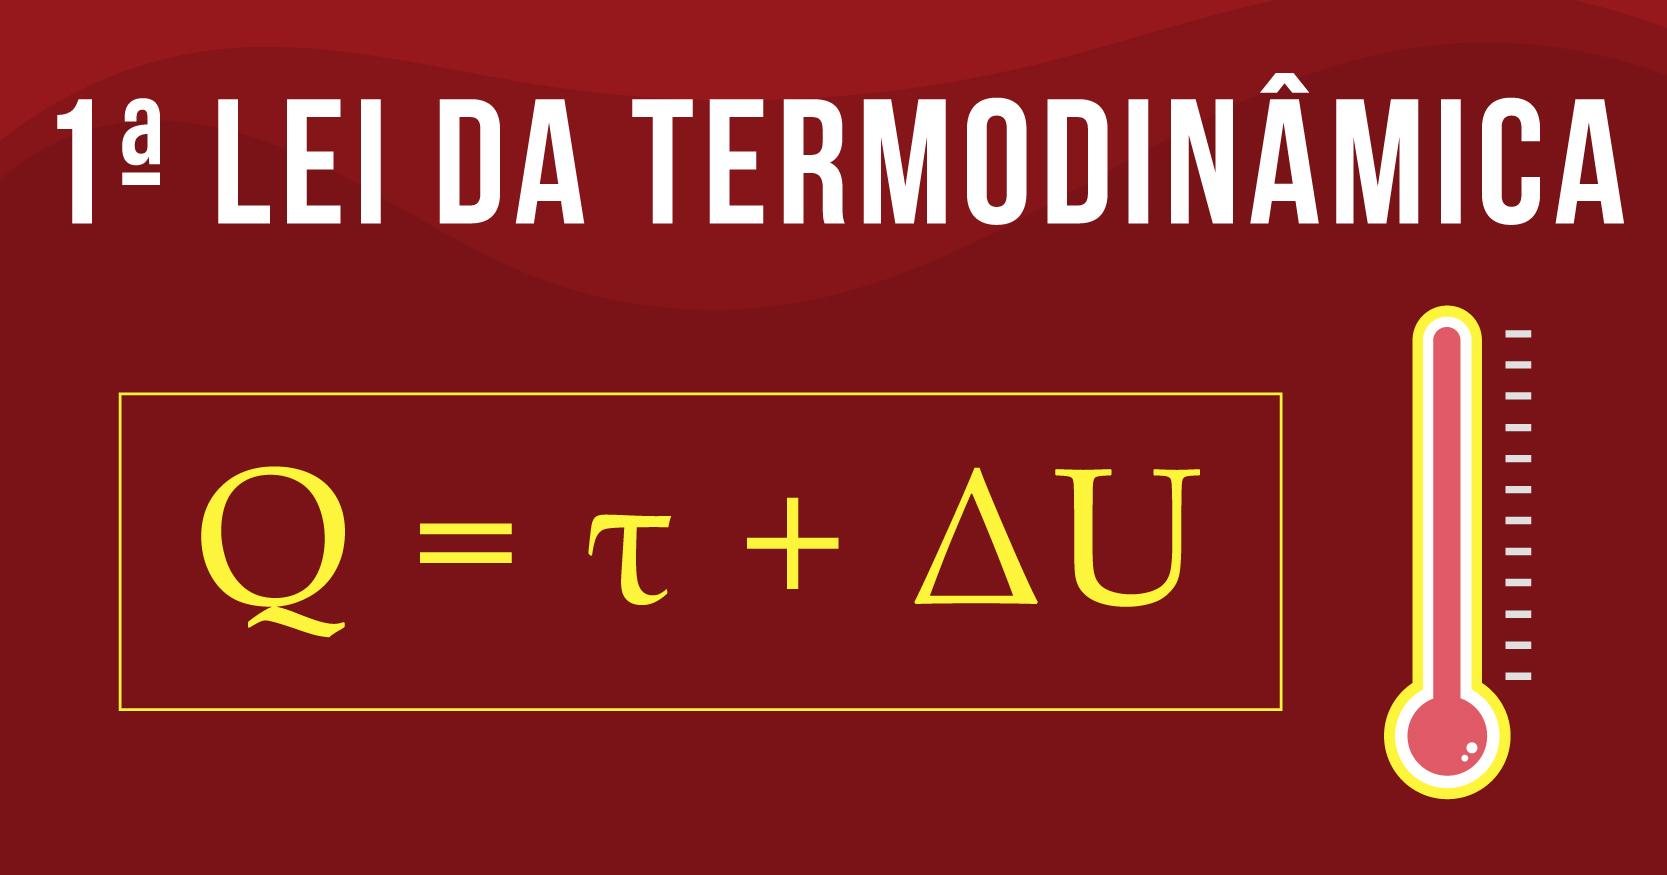 aula de termodinamica